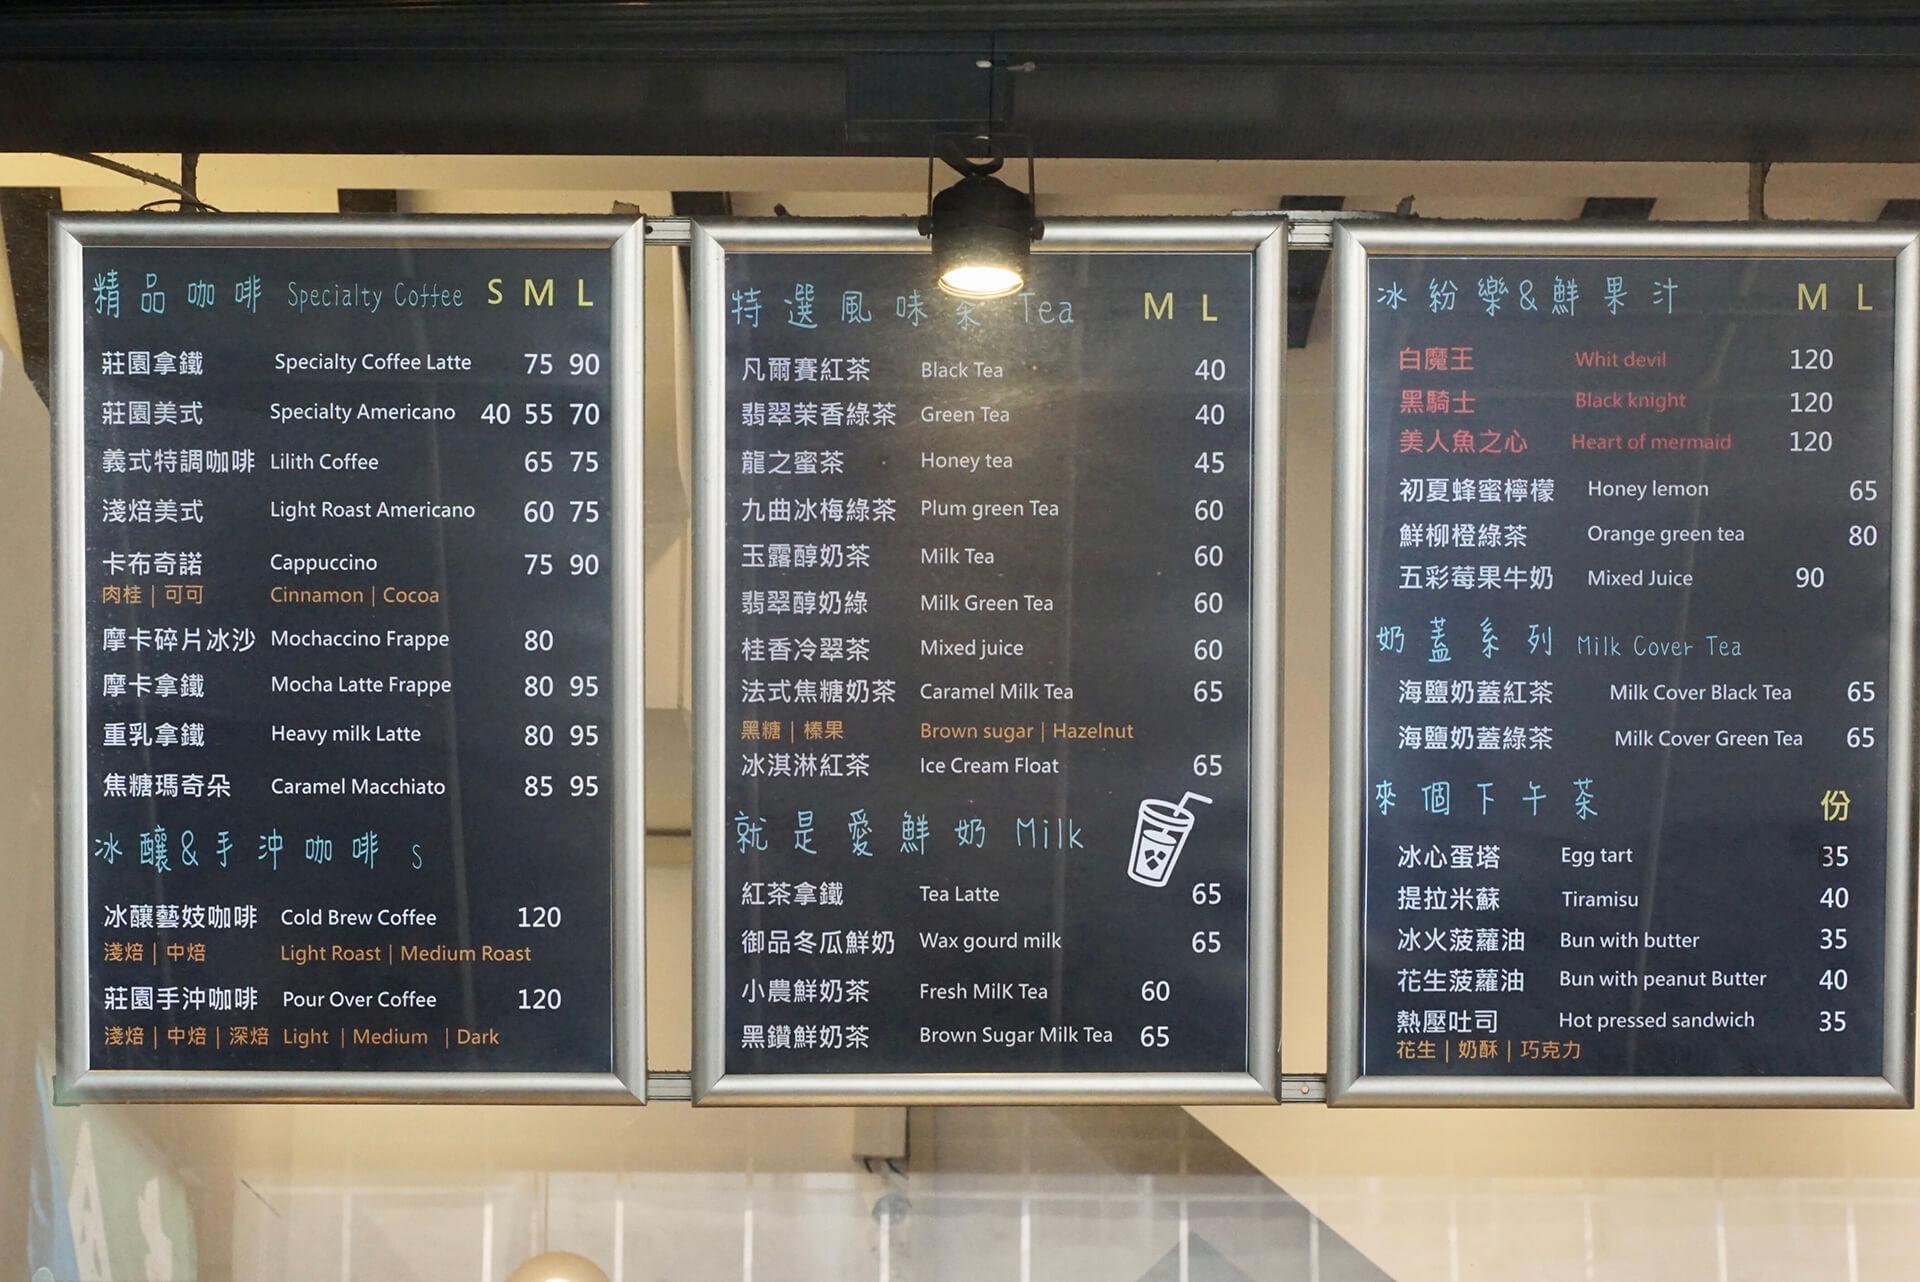 莉絲咖啡菜單